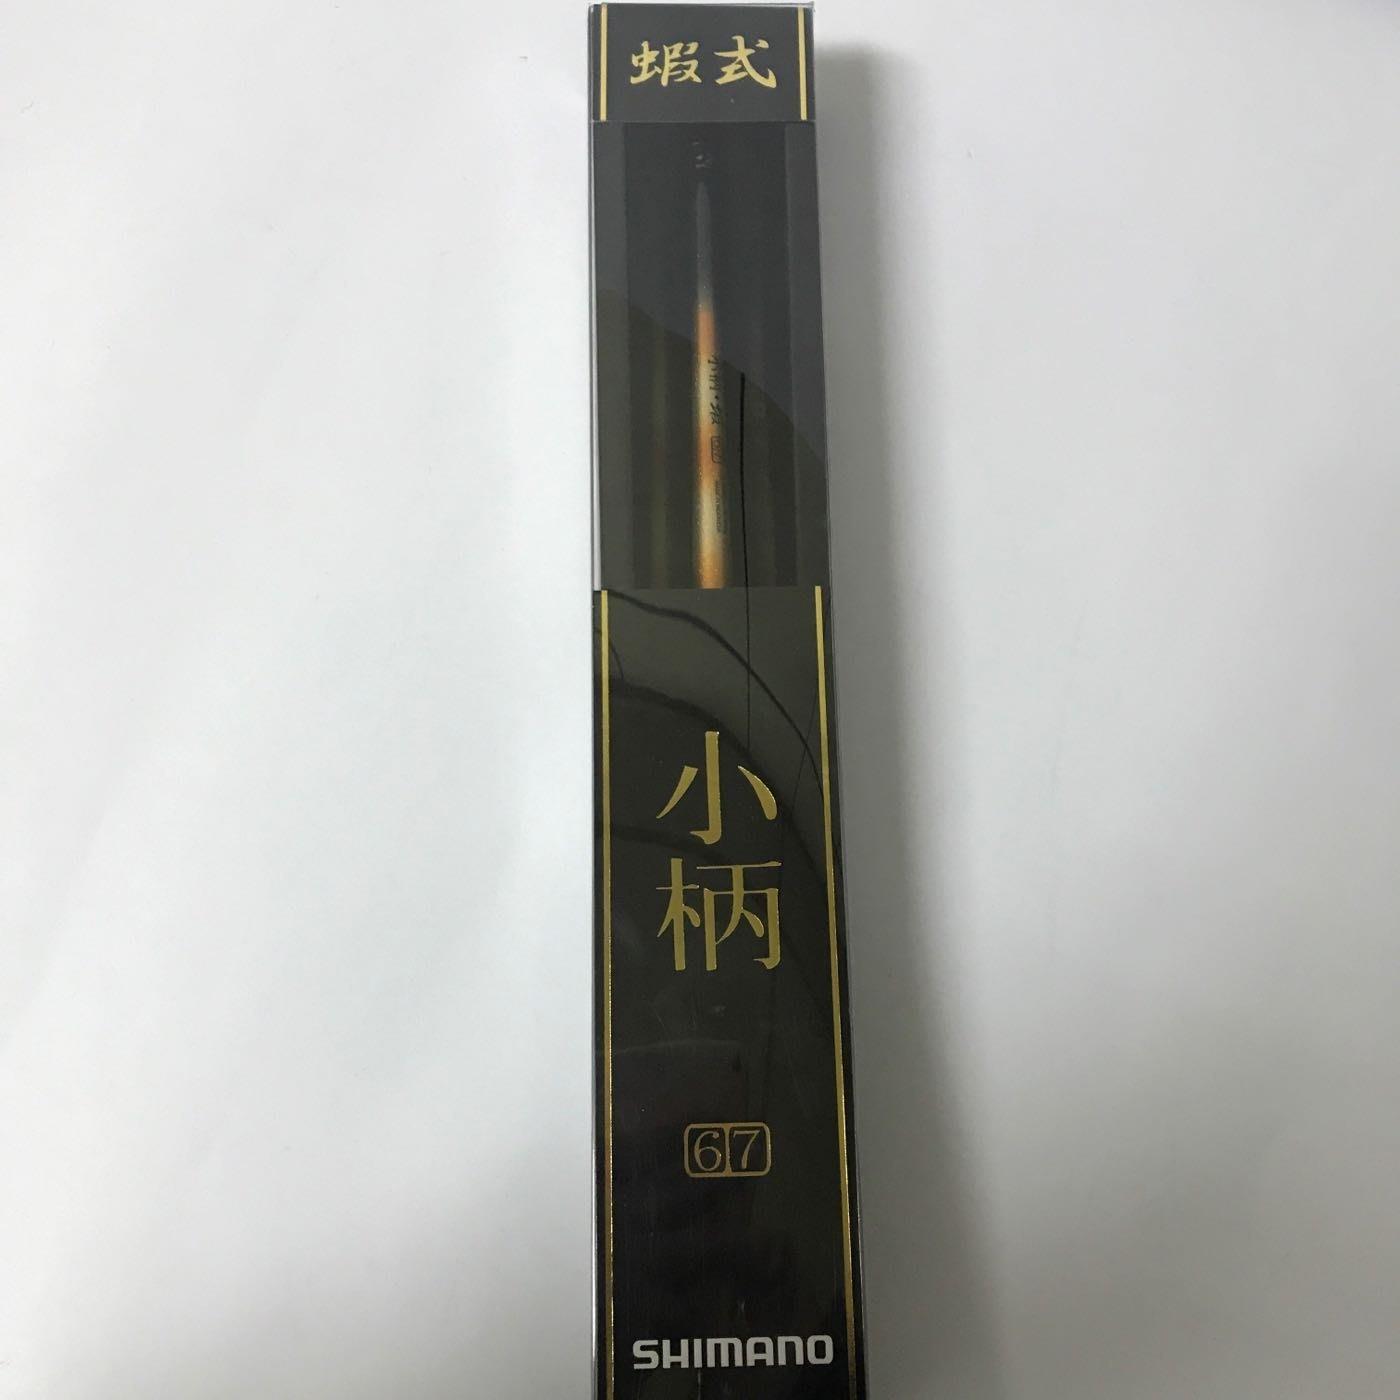 SHIMANO 小柄 蝦竿 2代 6/7 免運費